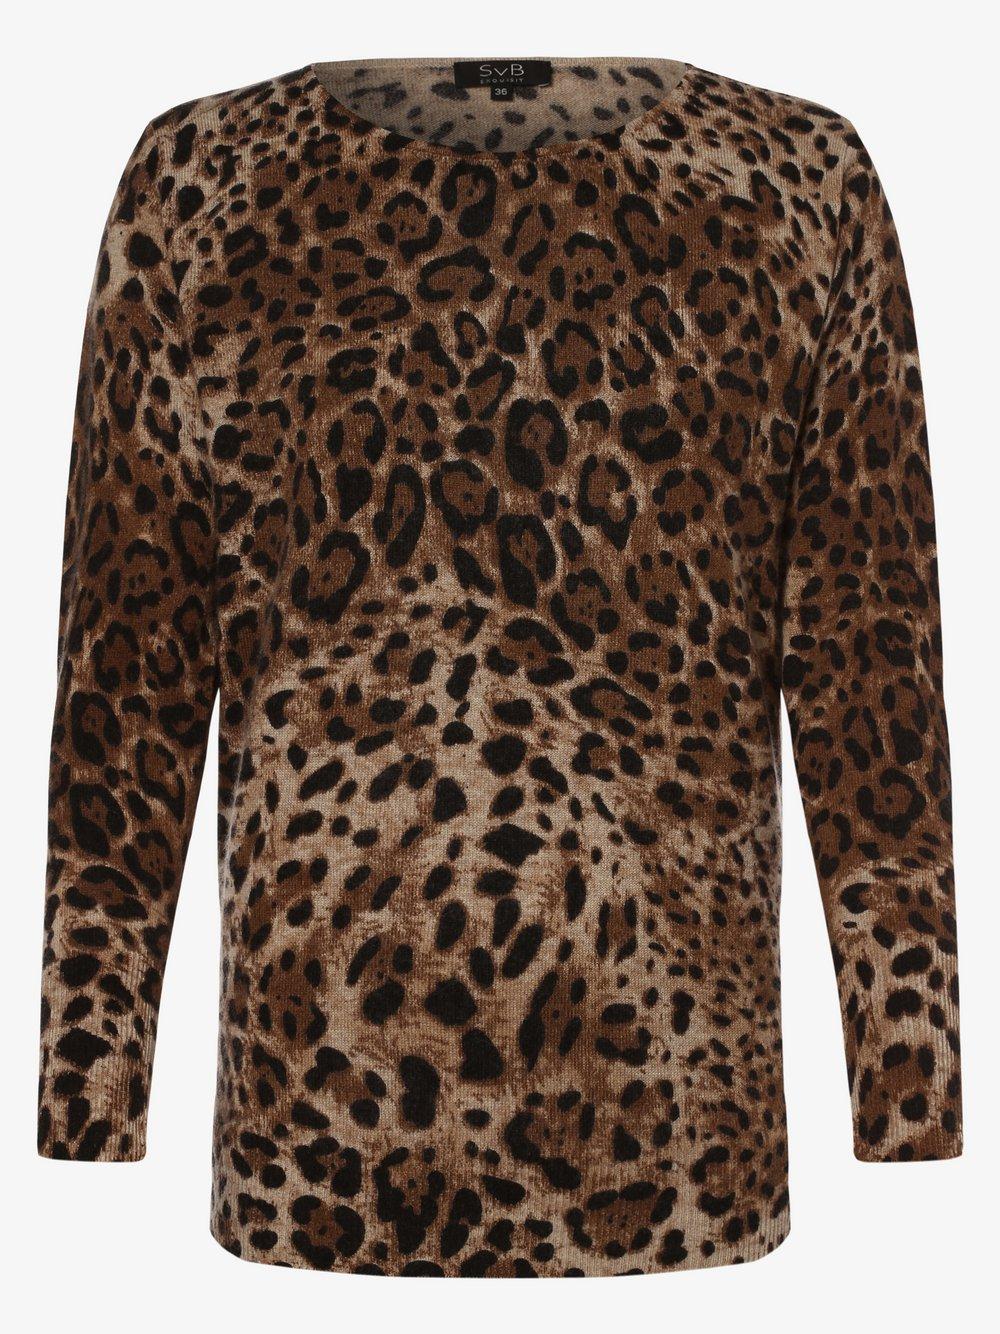 SvB Exquisit - Sweter damski z dodatkiem kaszmiru, beżowy